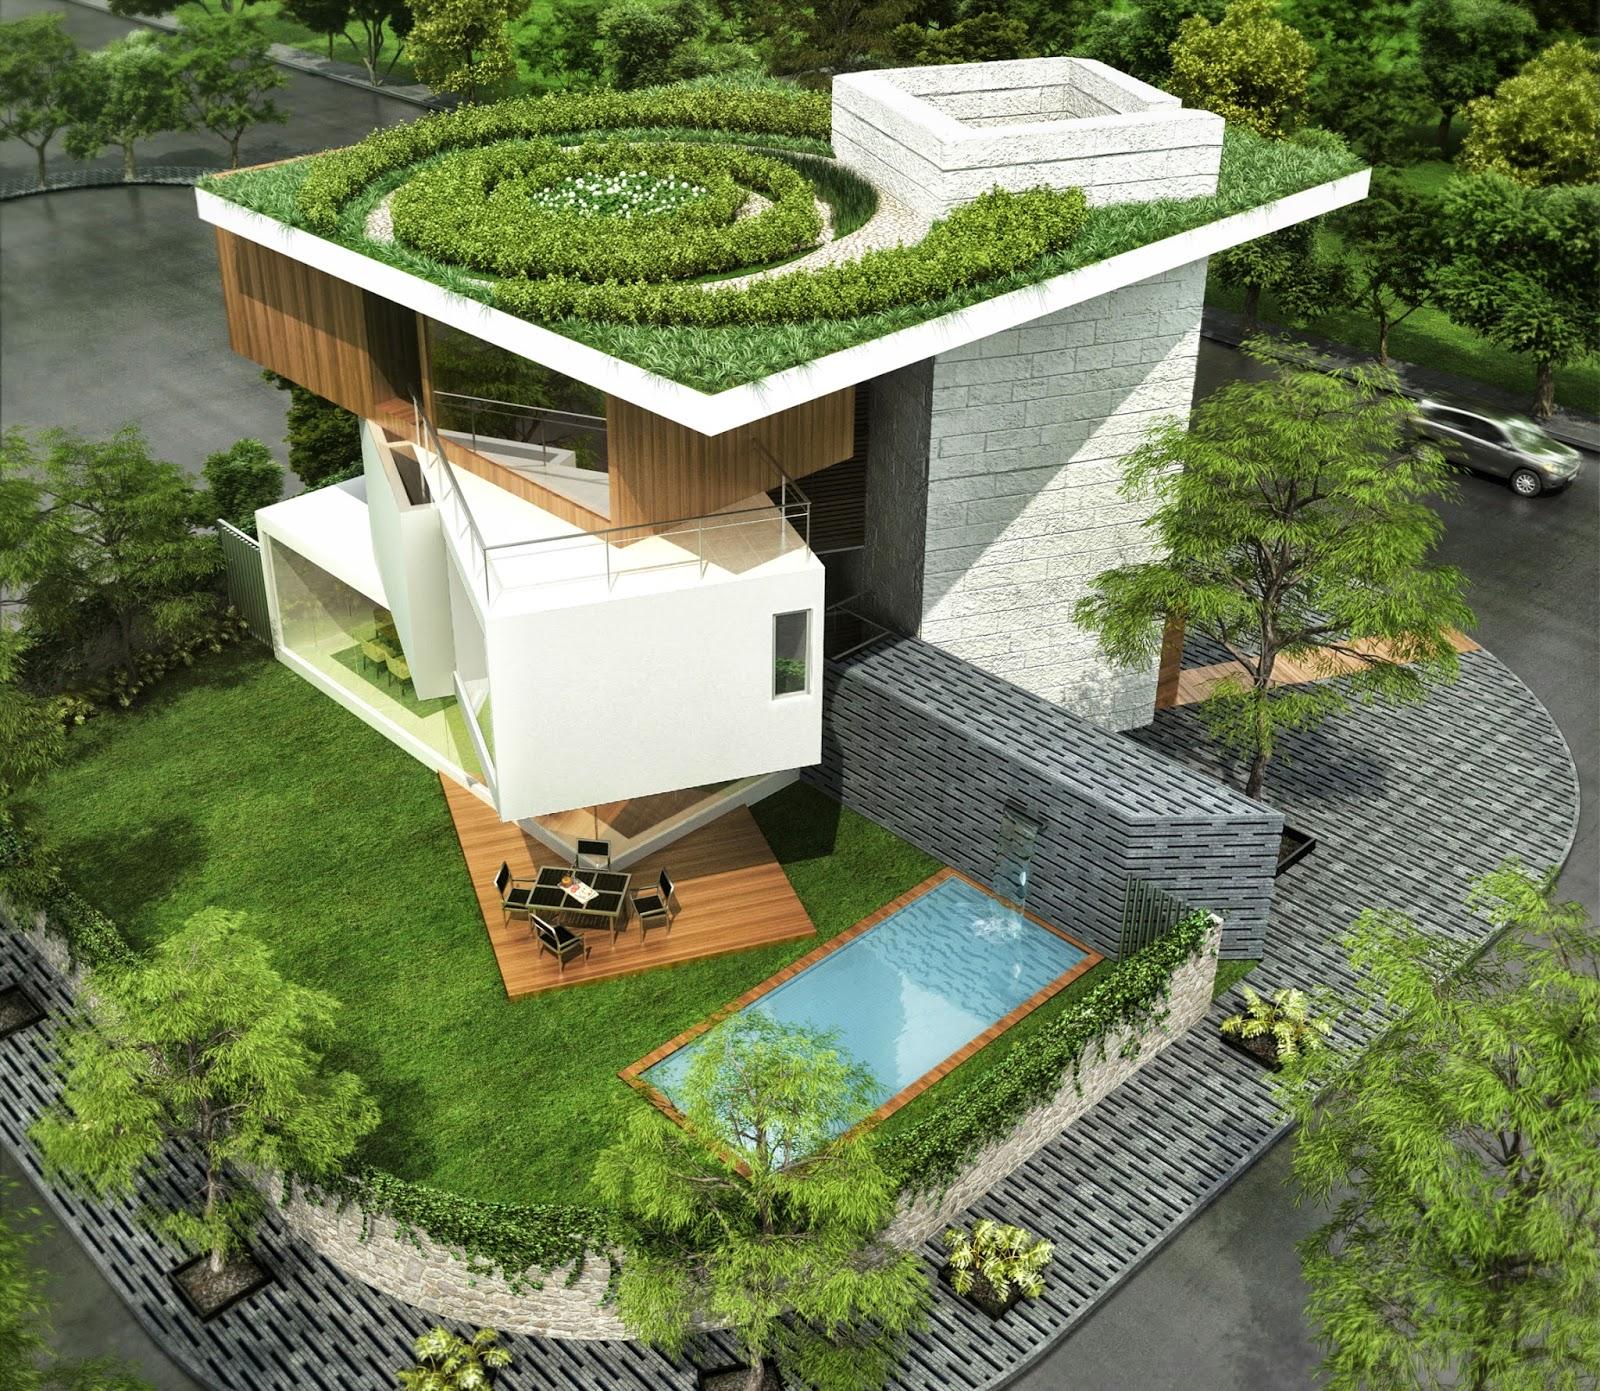 Revista digital apuntes de arquitectura septiembre 2013 - Proyectos de casa ...